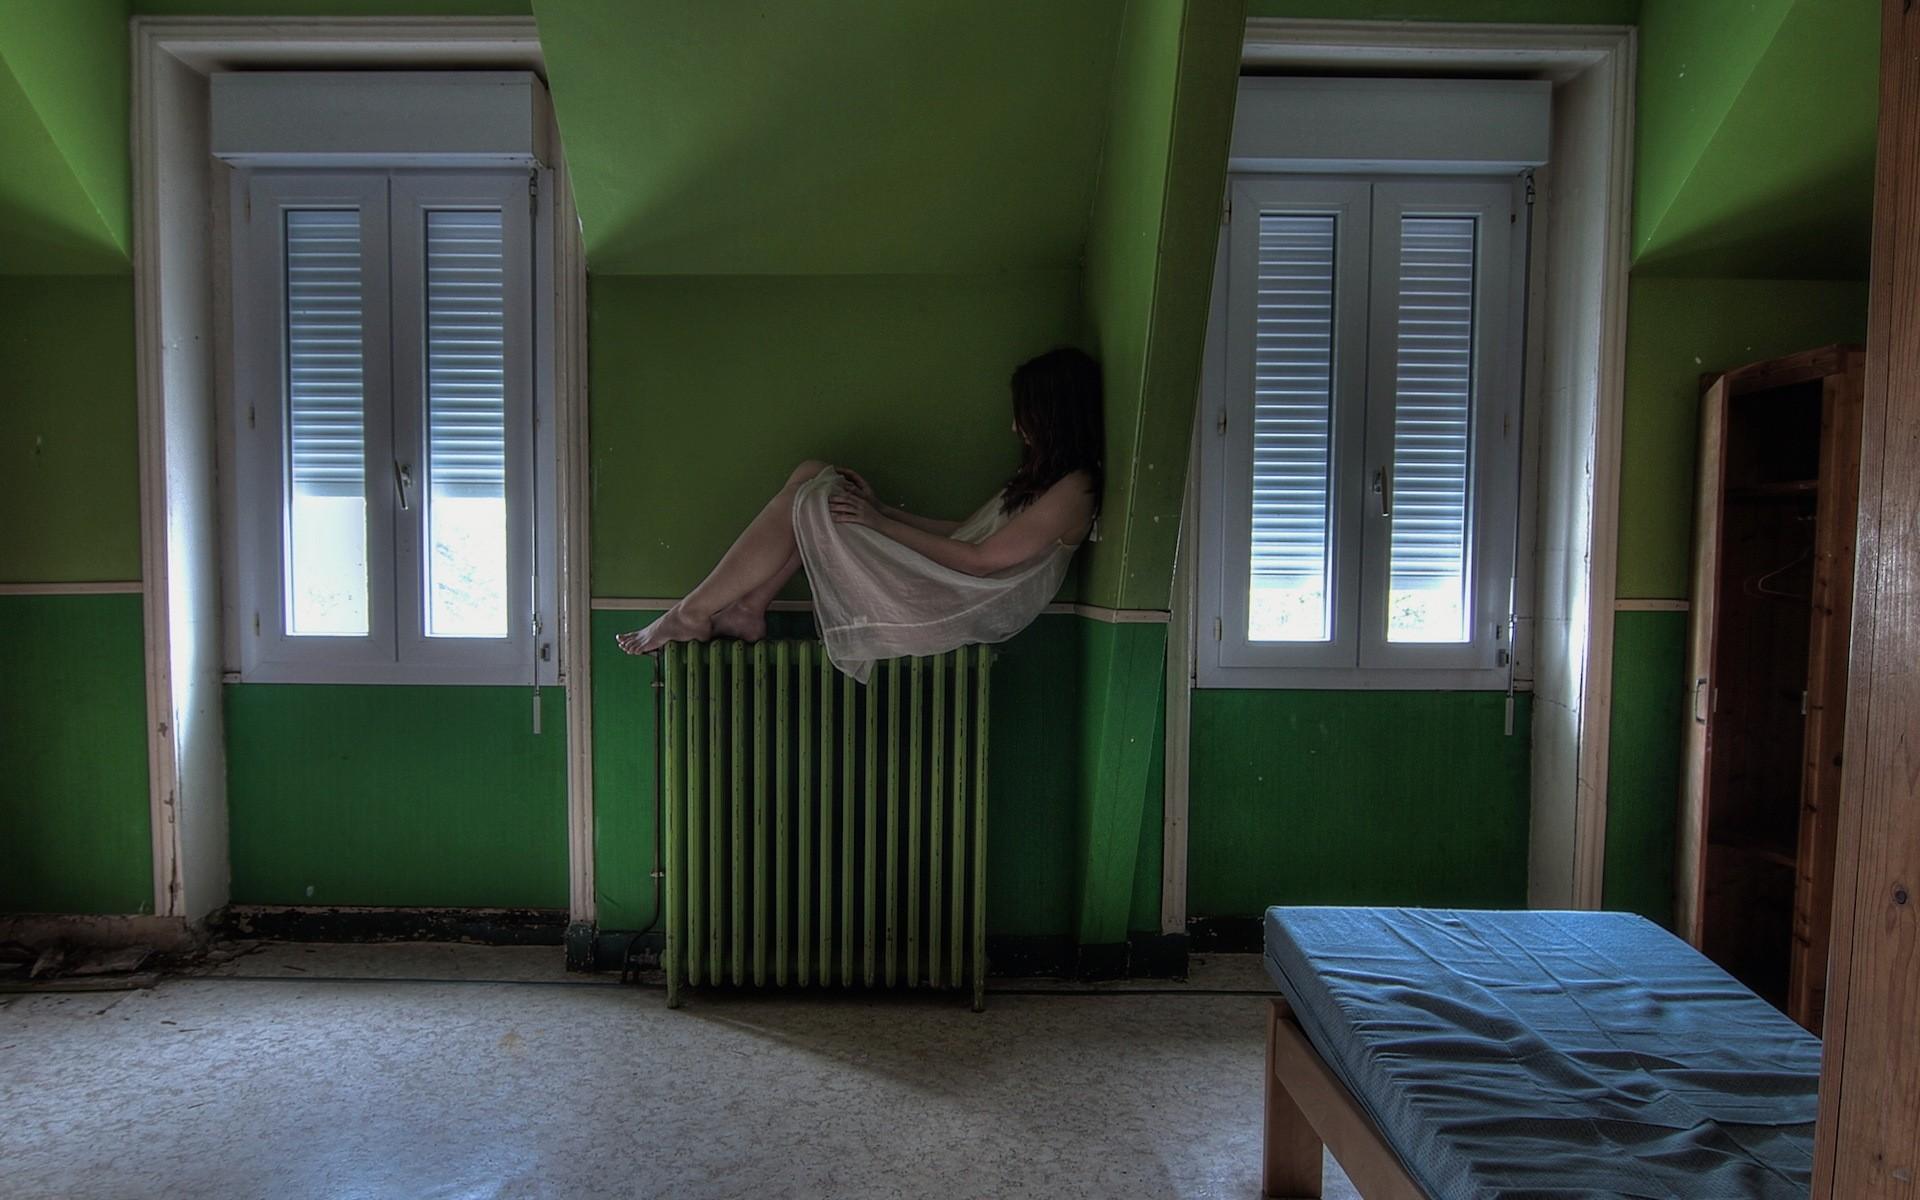 fond d 39 cran femmes architecture b timent chambre mur bois maison vert porte design d. Black Bedroom Furniture Sets. Home Design Ideas